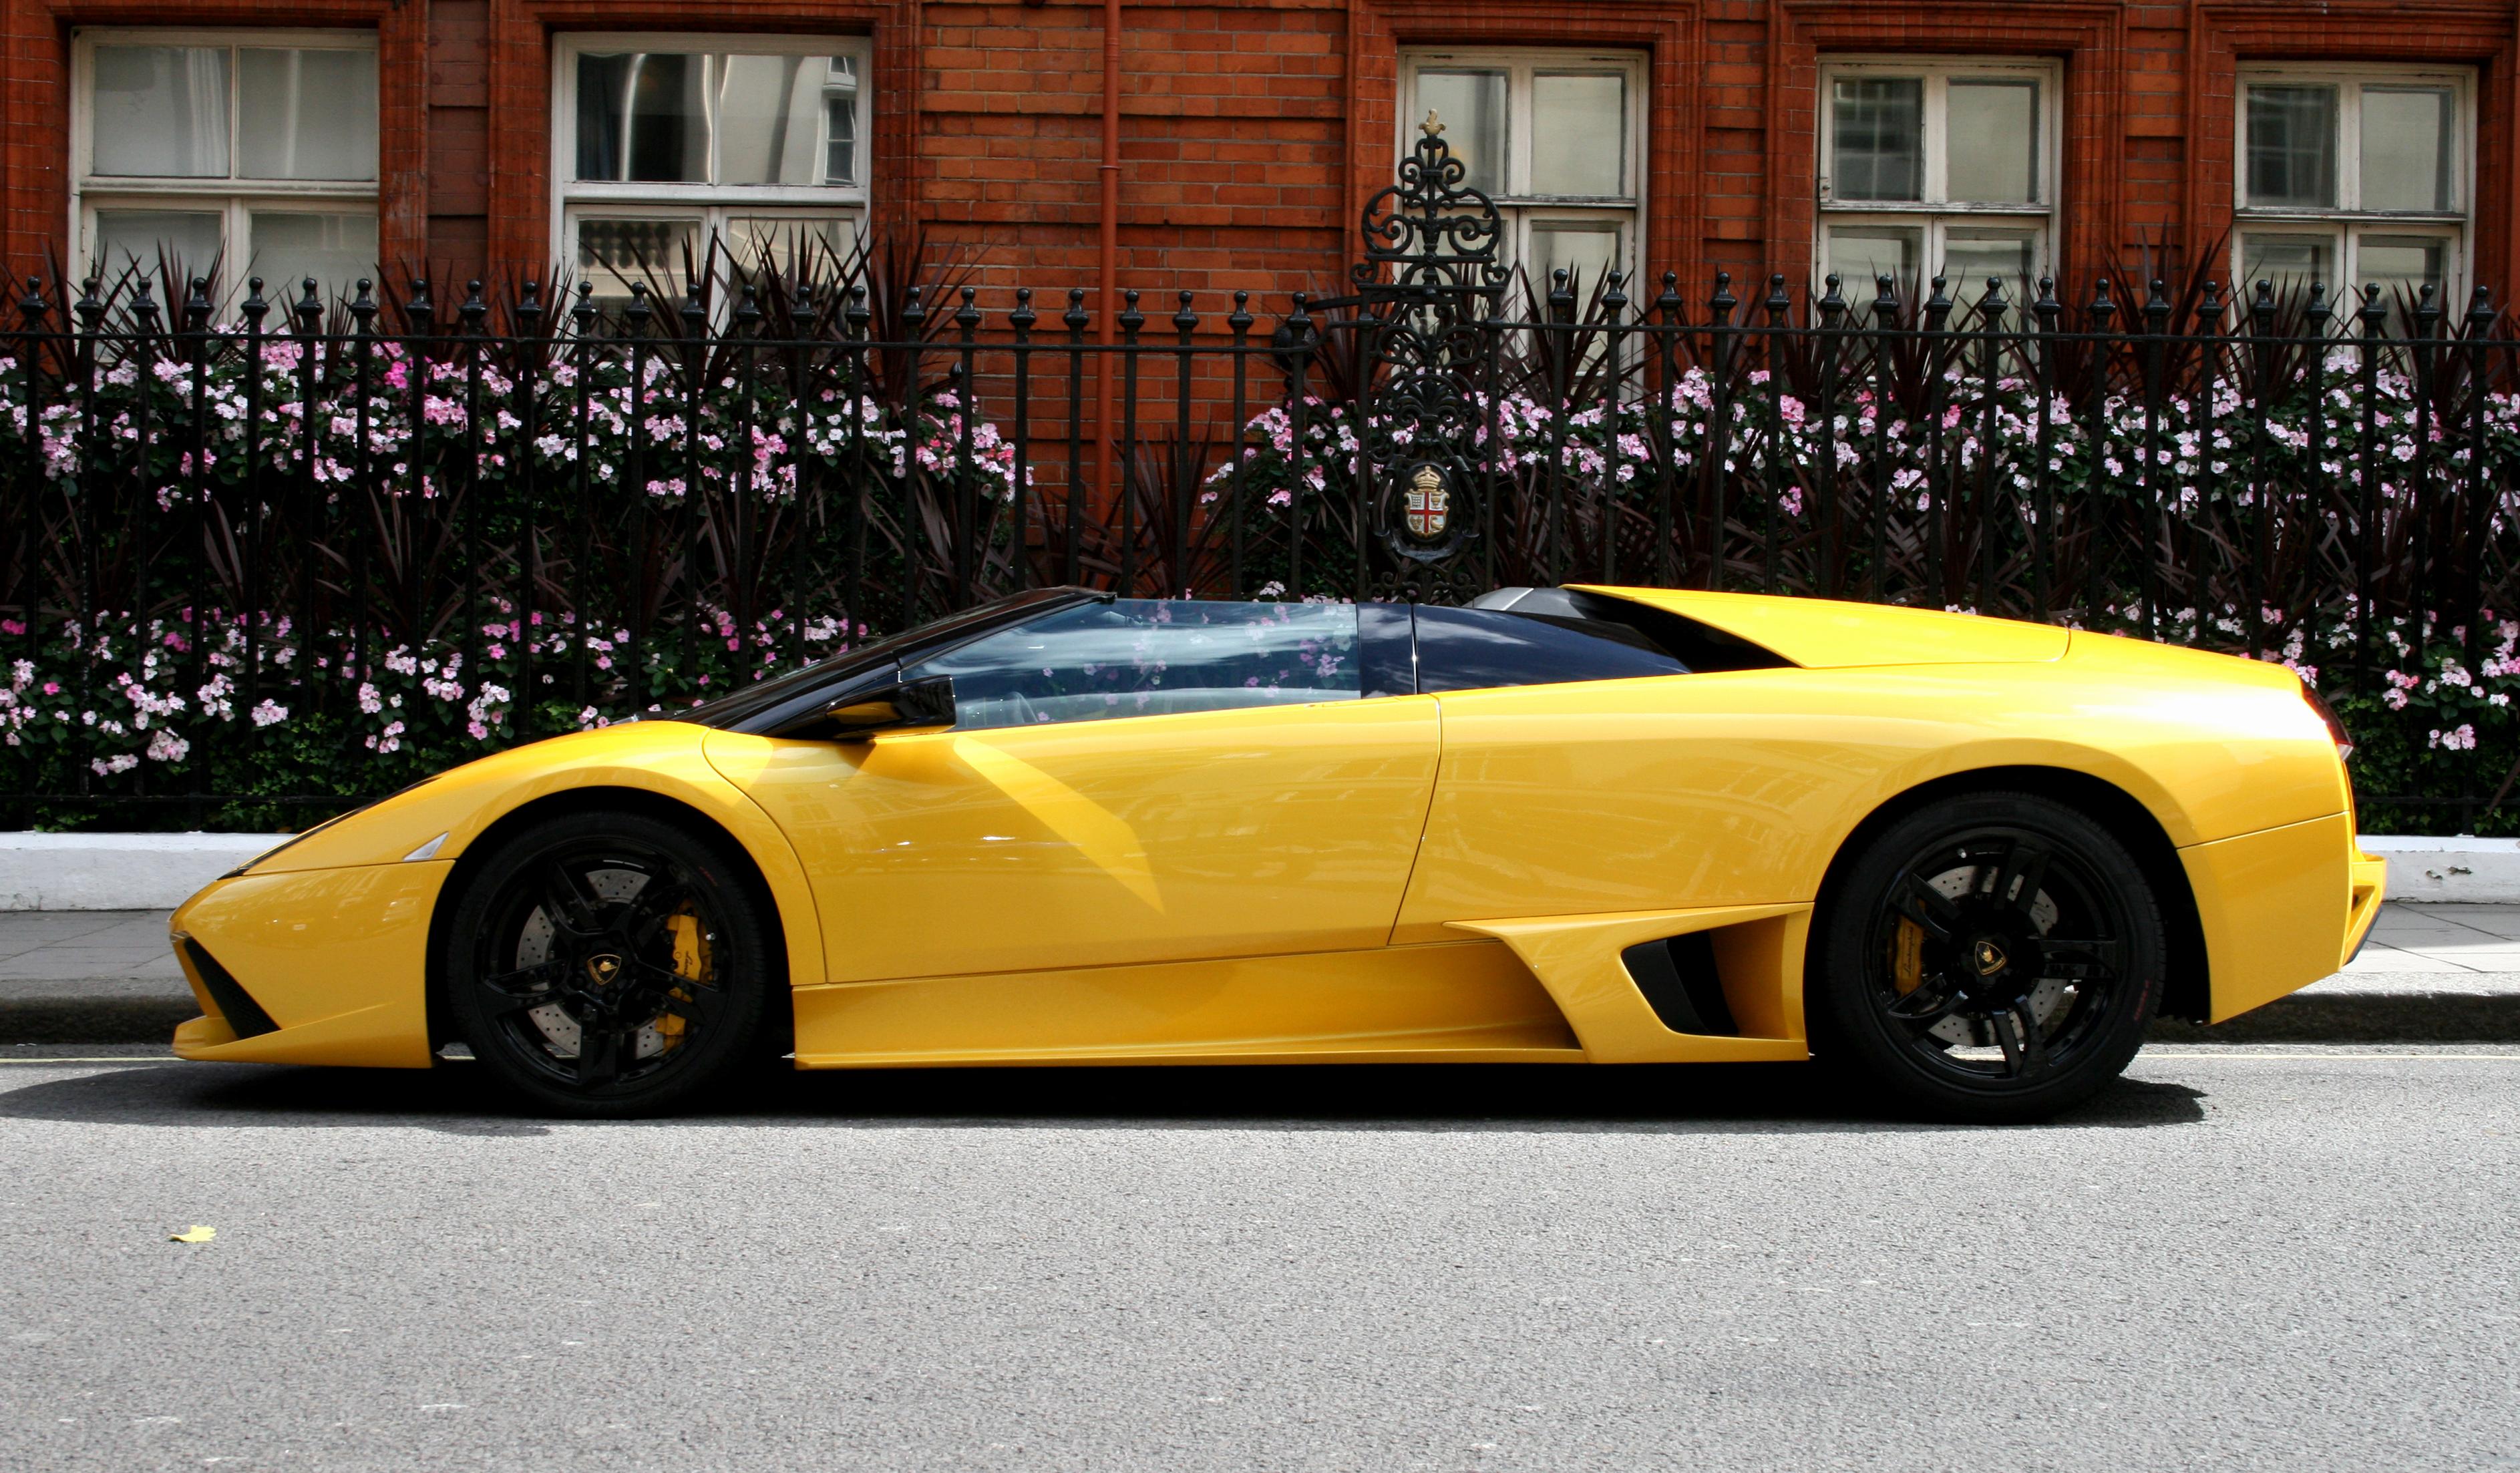 Wallpaper London Yellow Lamborghini Aventador Lamborghini